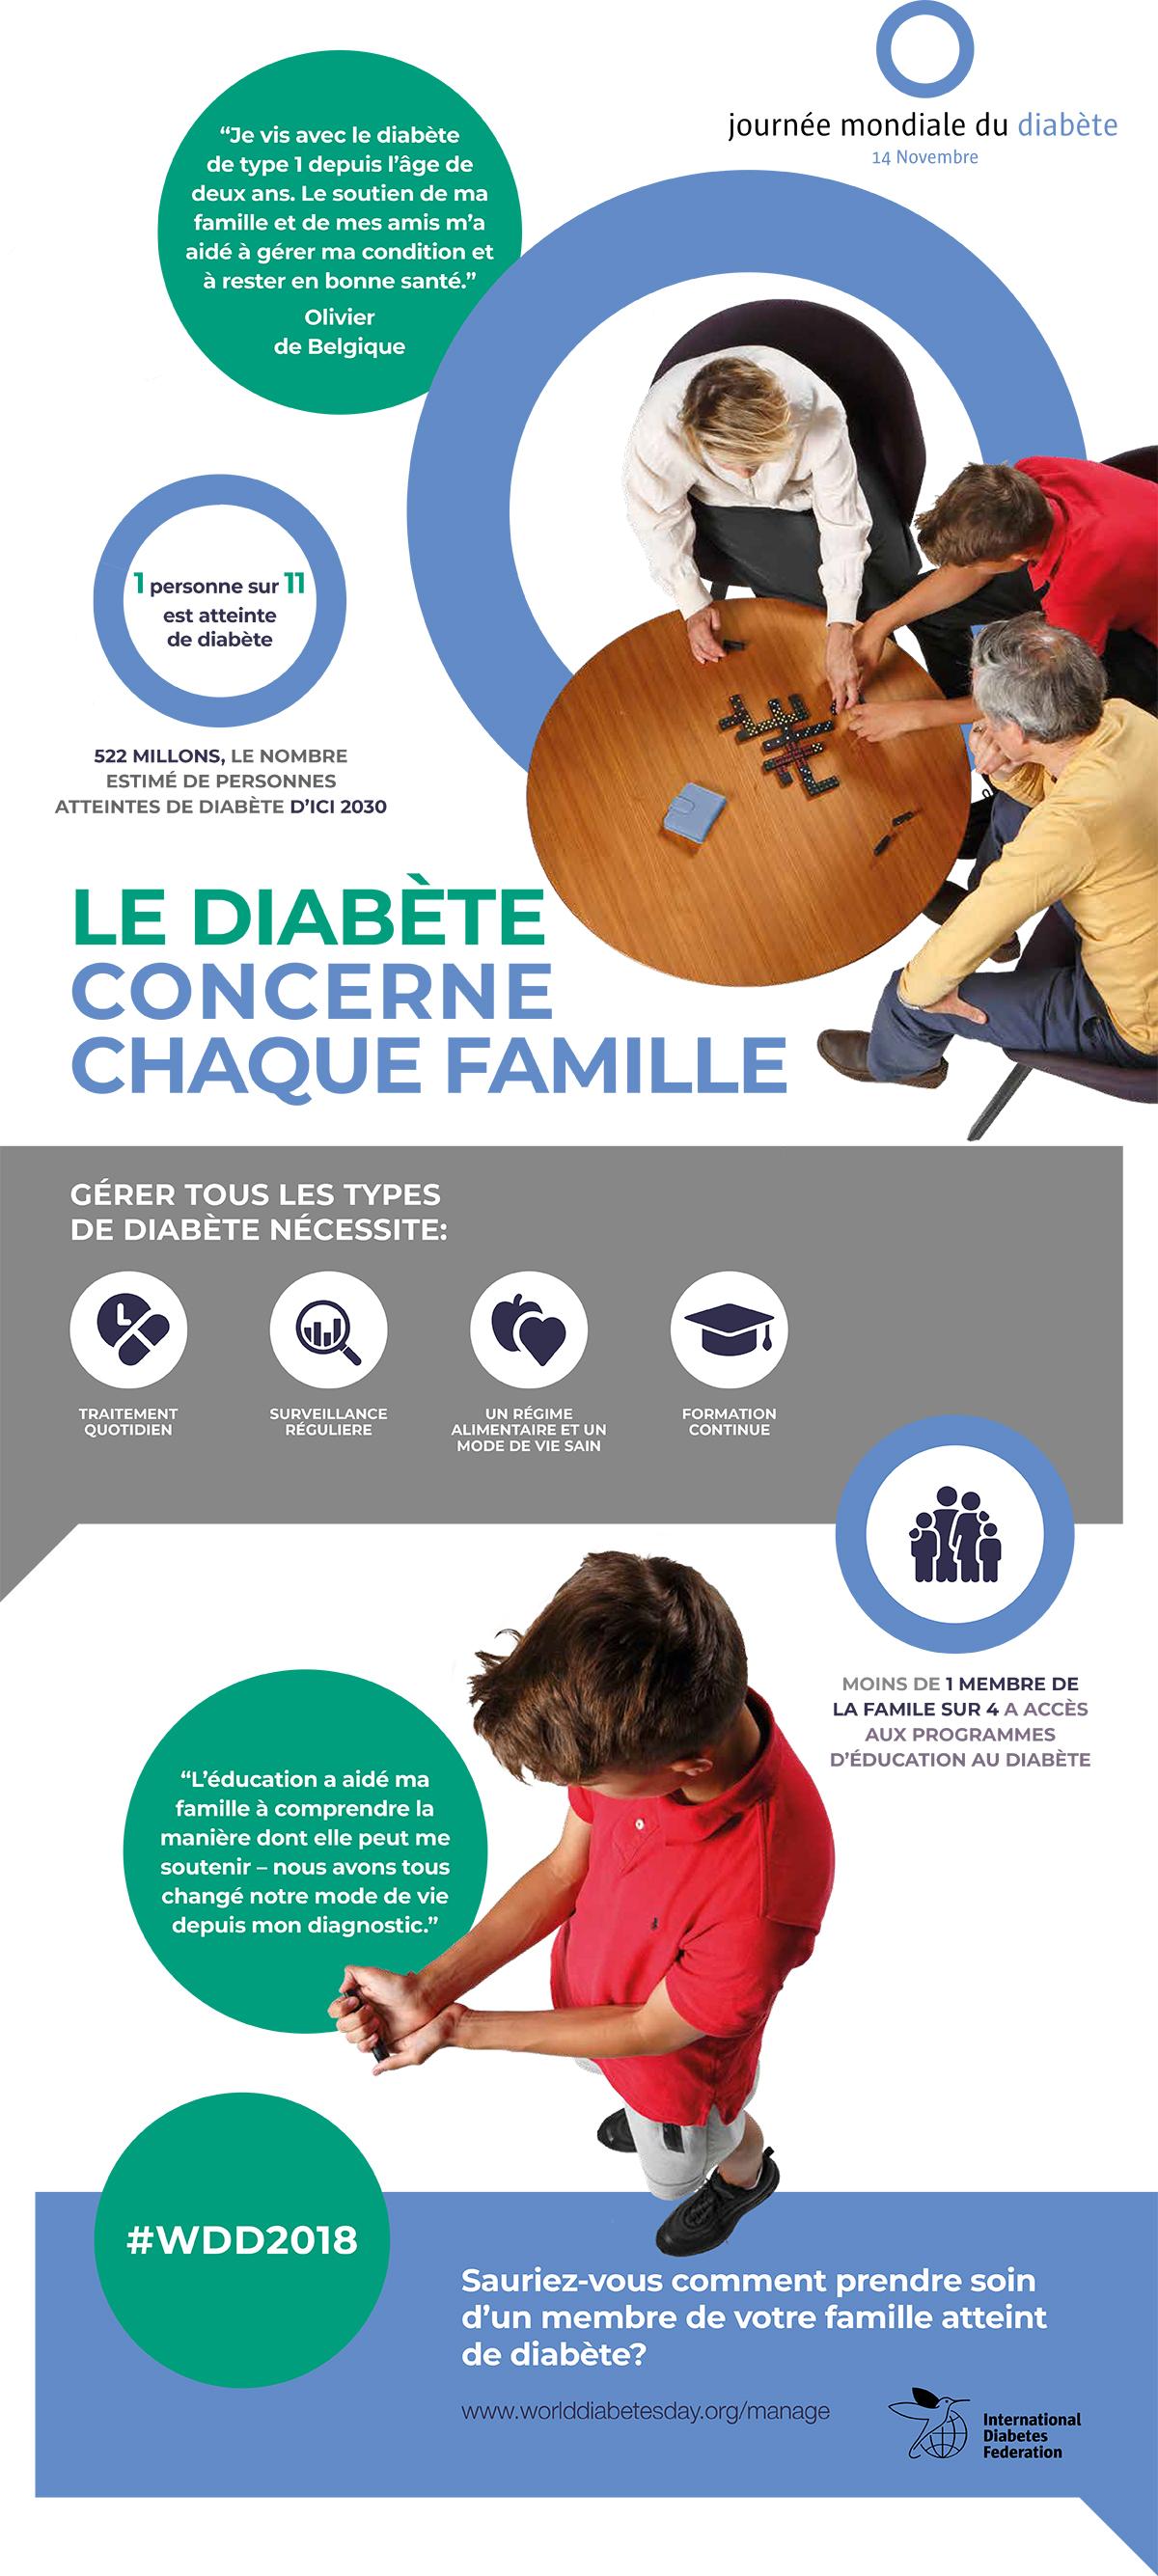 Prendre soin du diabète